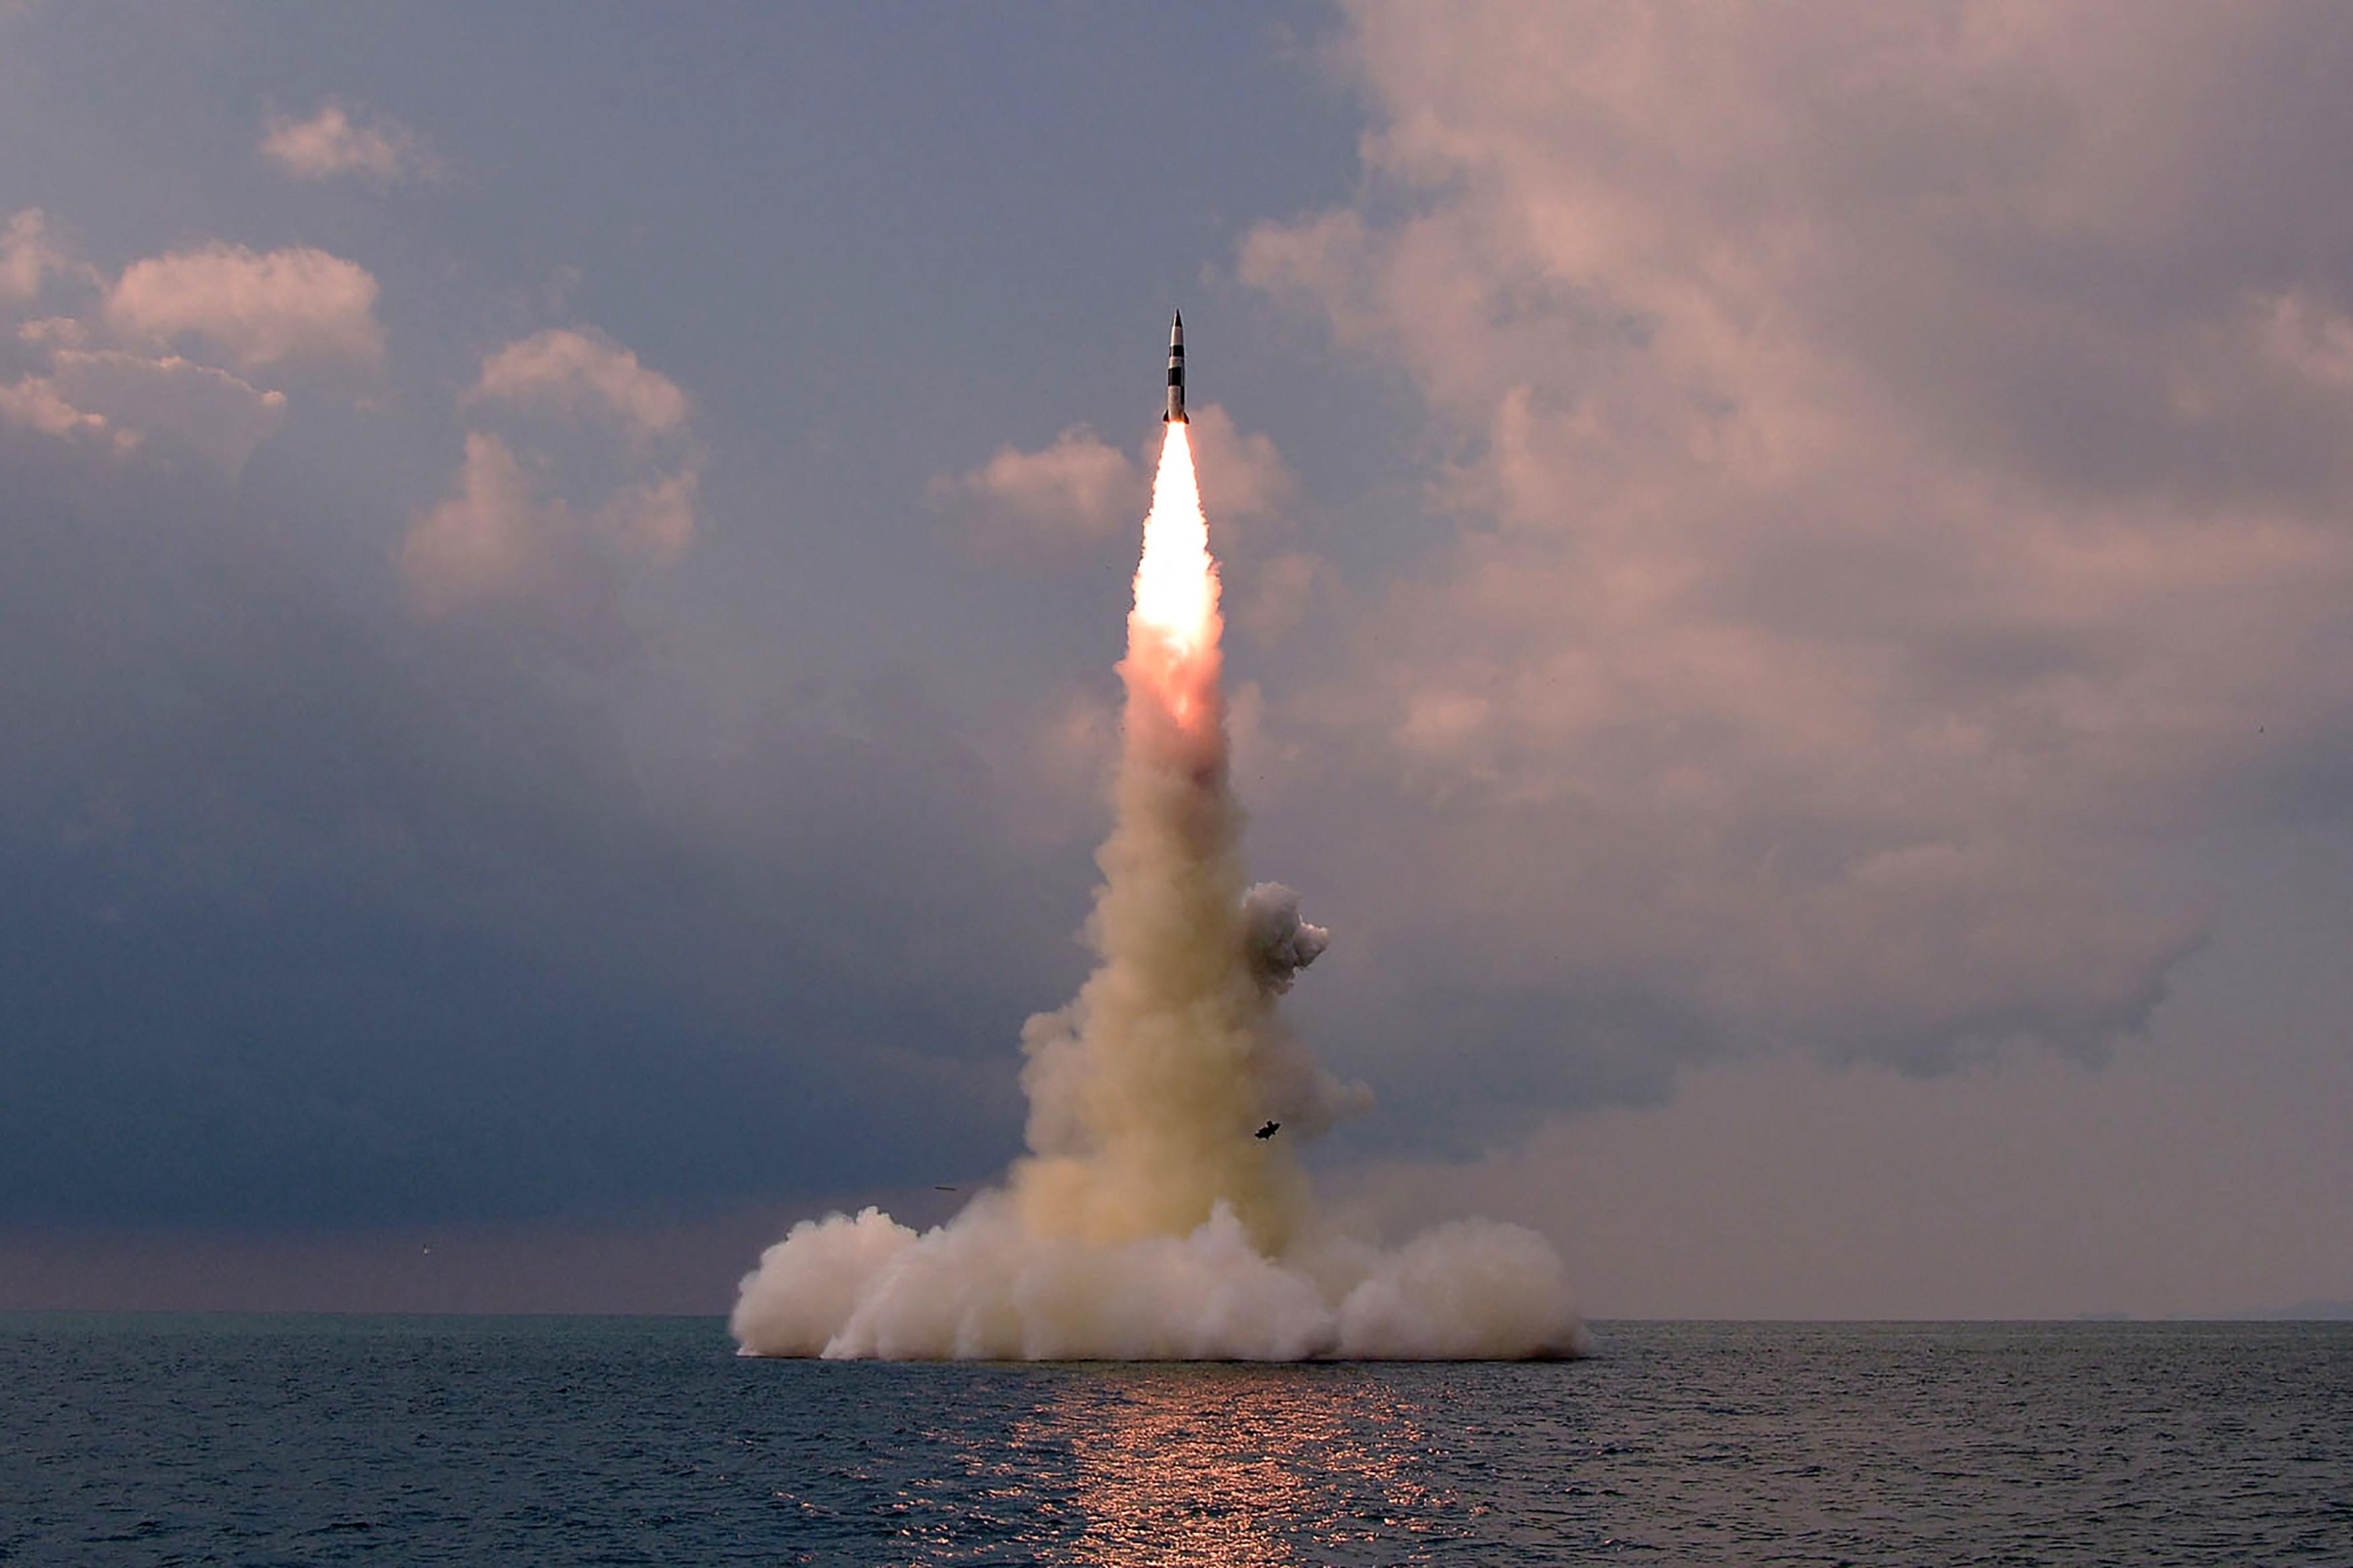 Por que Coreia do Norte mantém testes de mísseis apesar de sanções